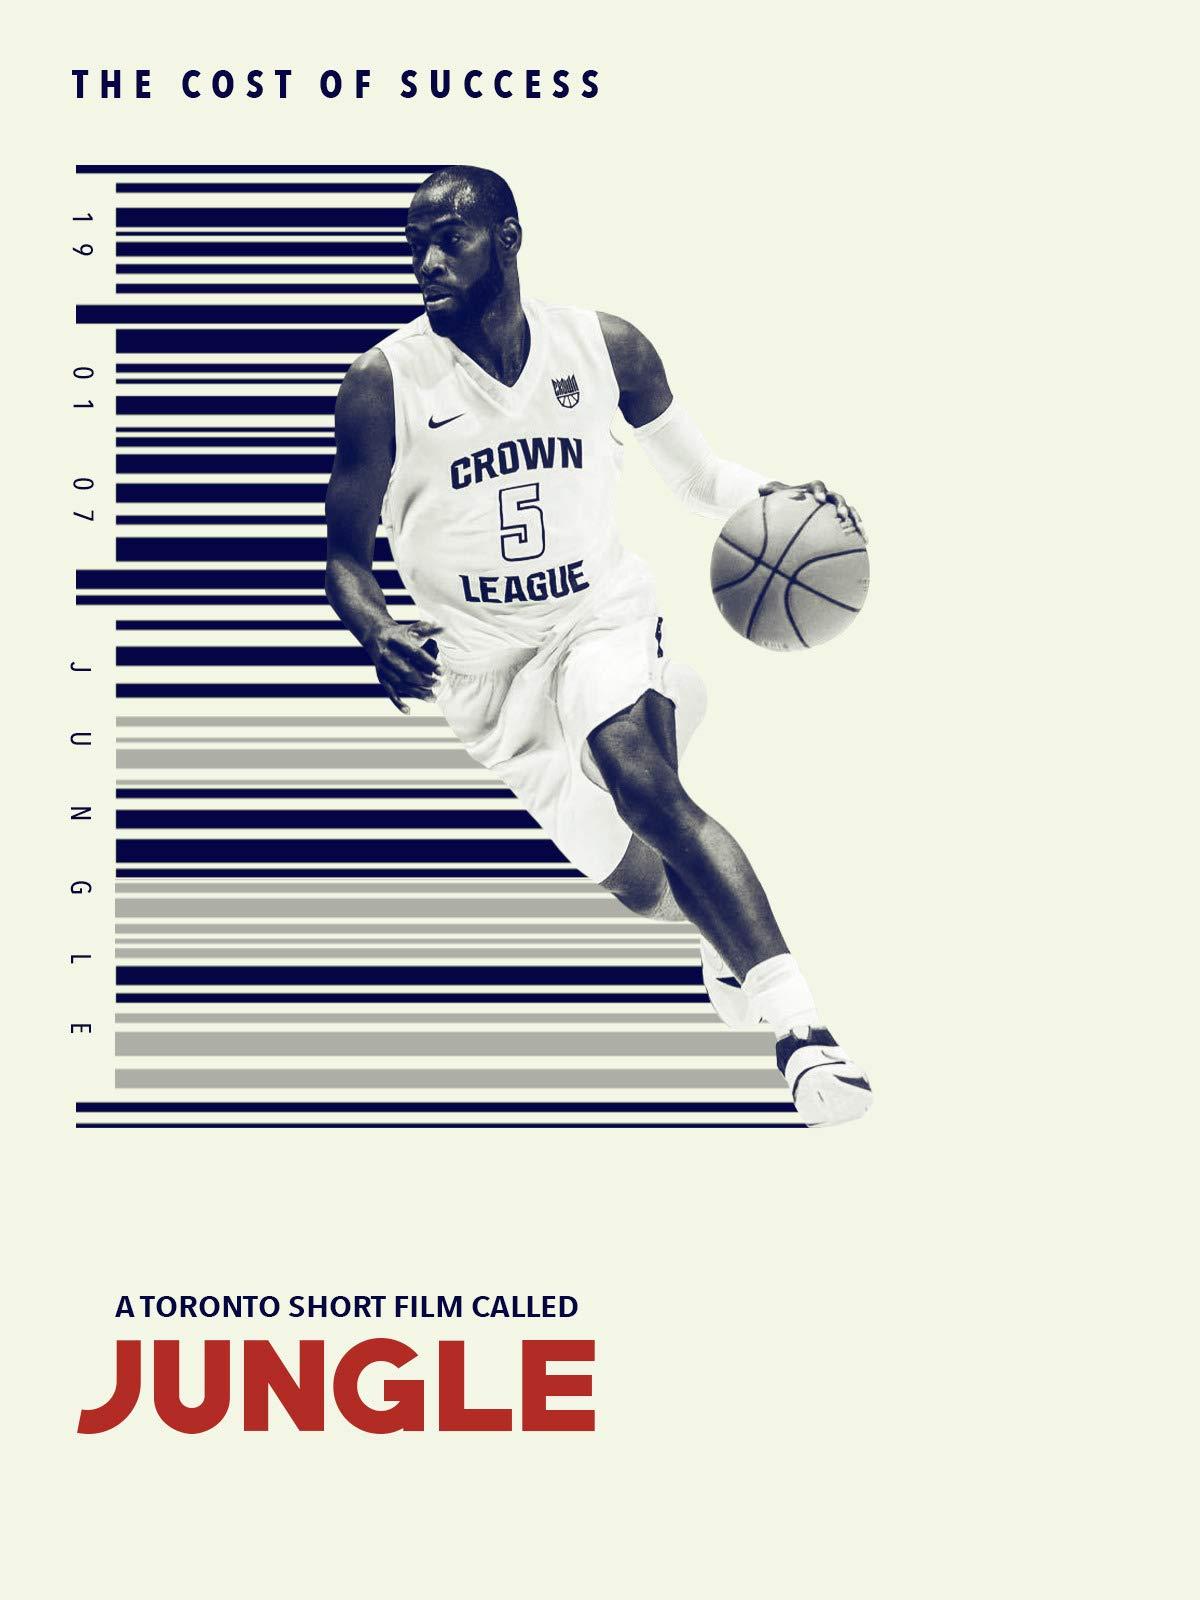 A Toronto Short Film Called Jungle